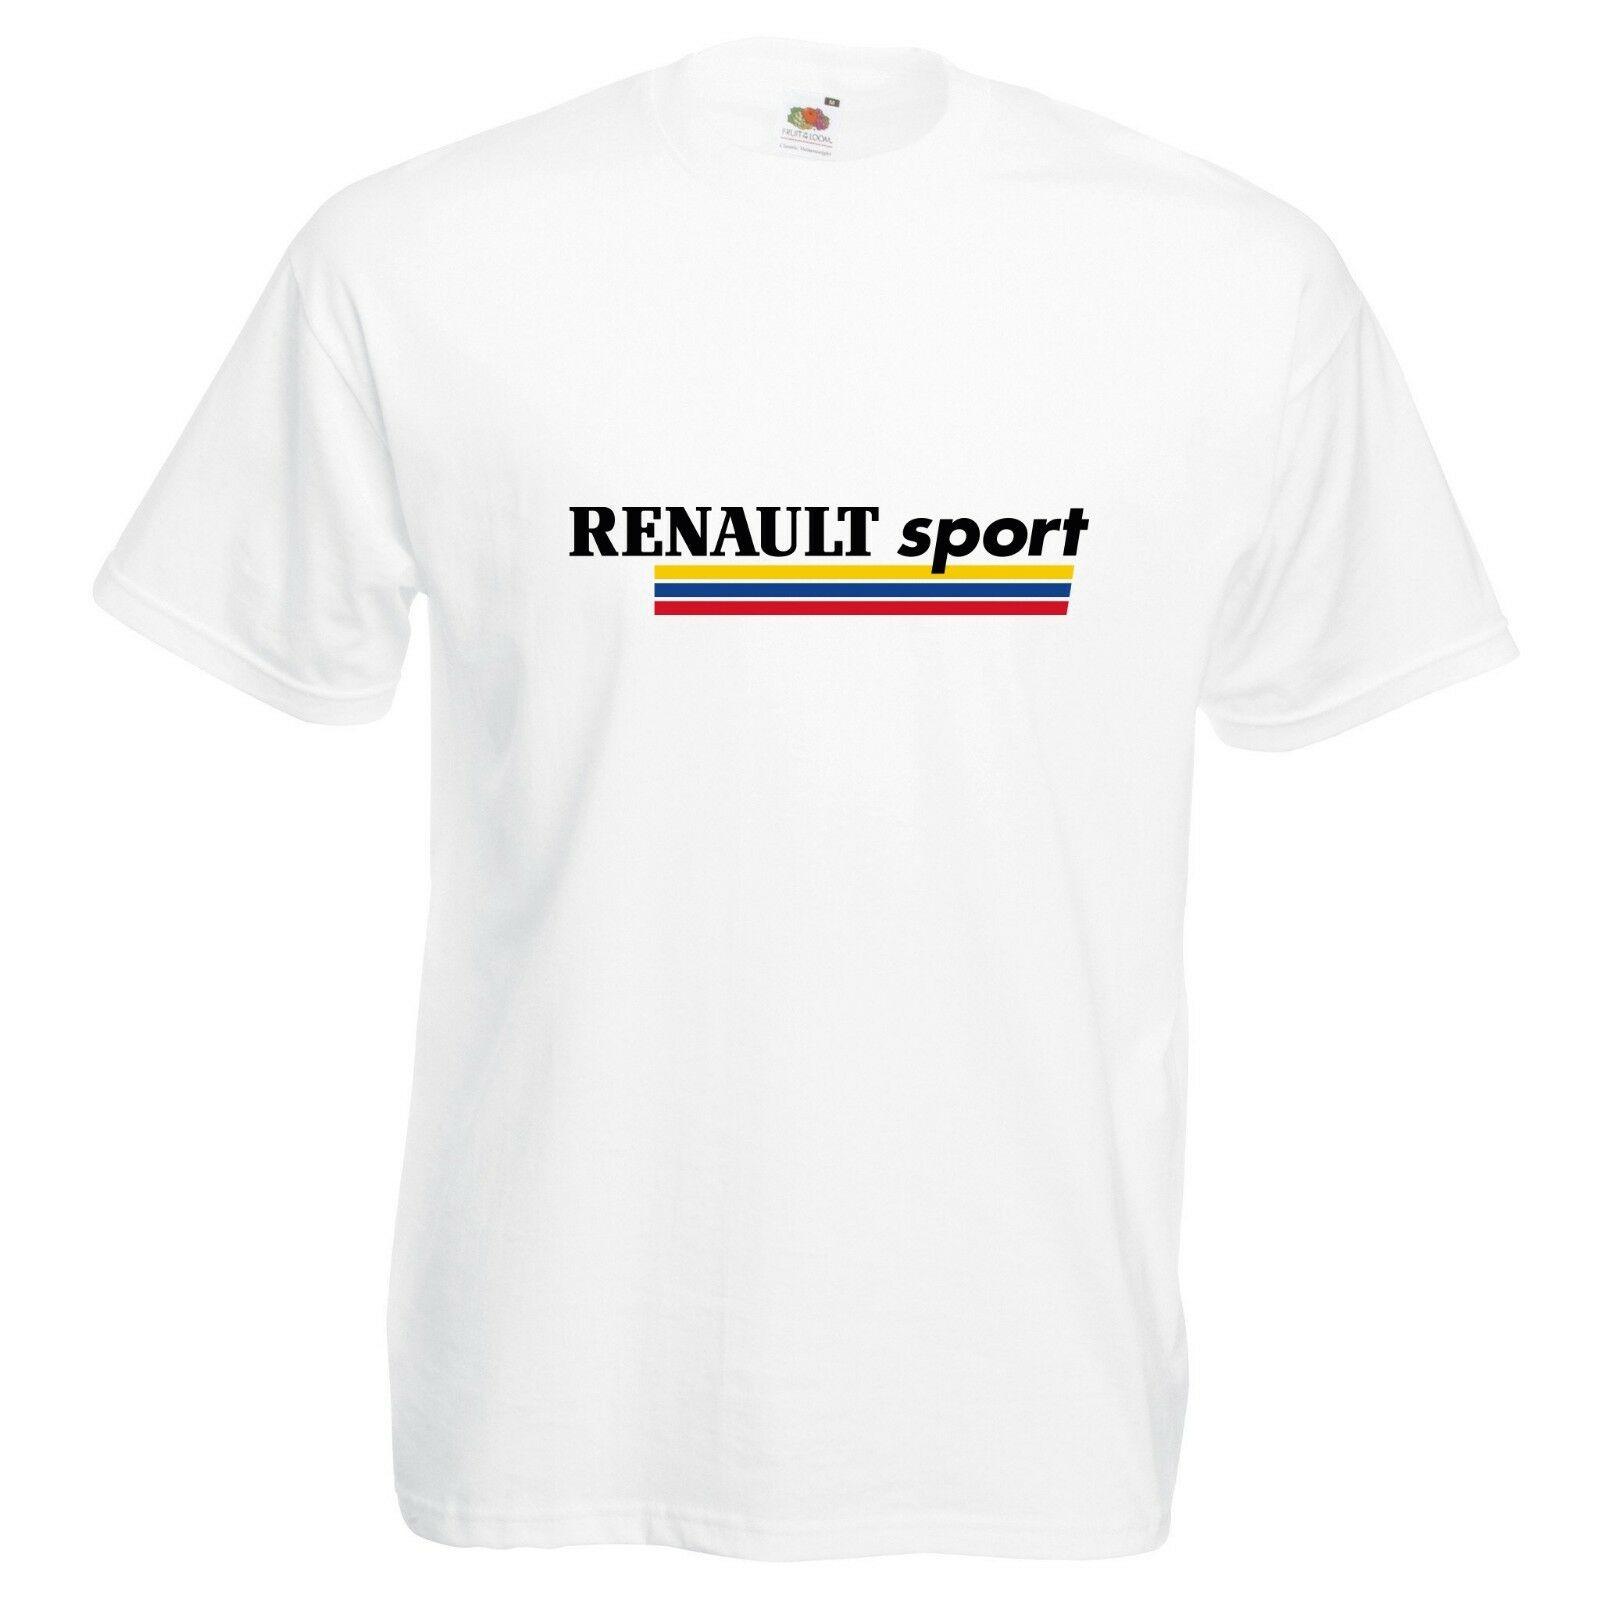 Renault Sport T-Shirt VARIOUS SIZES /& COLOURS Megane Clio RS